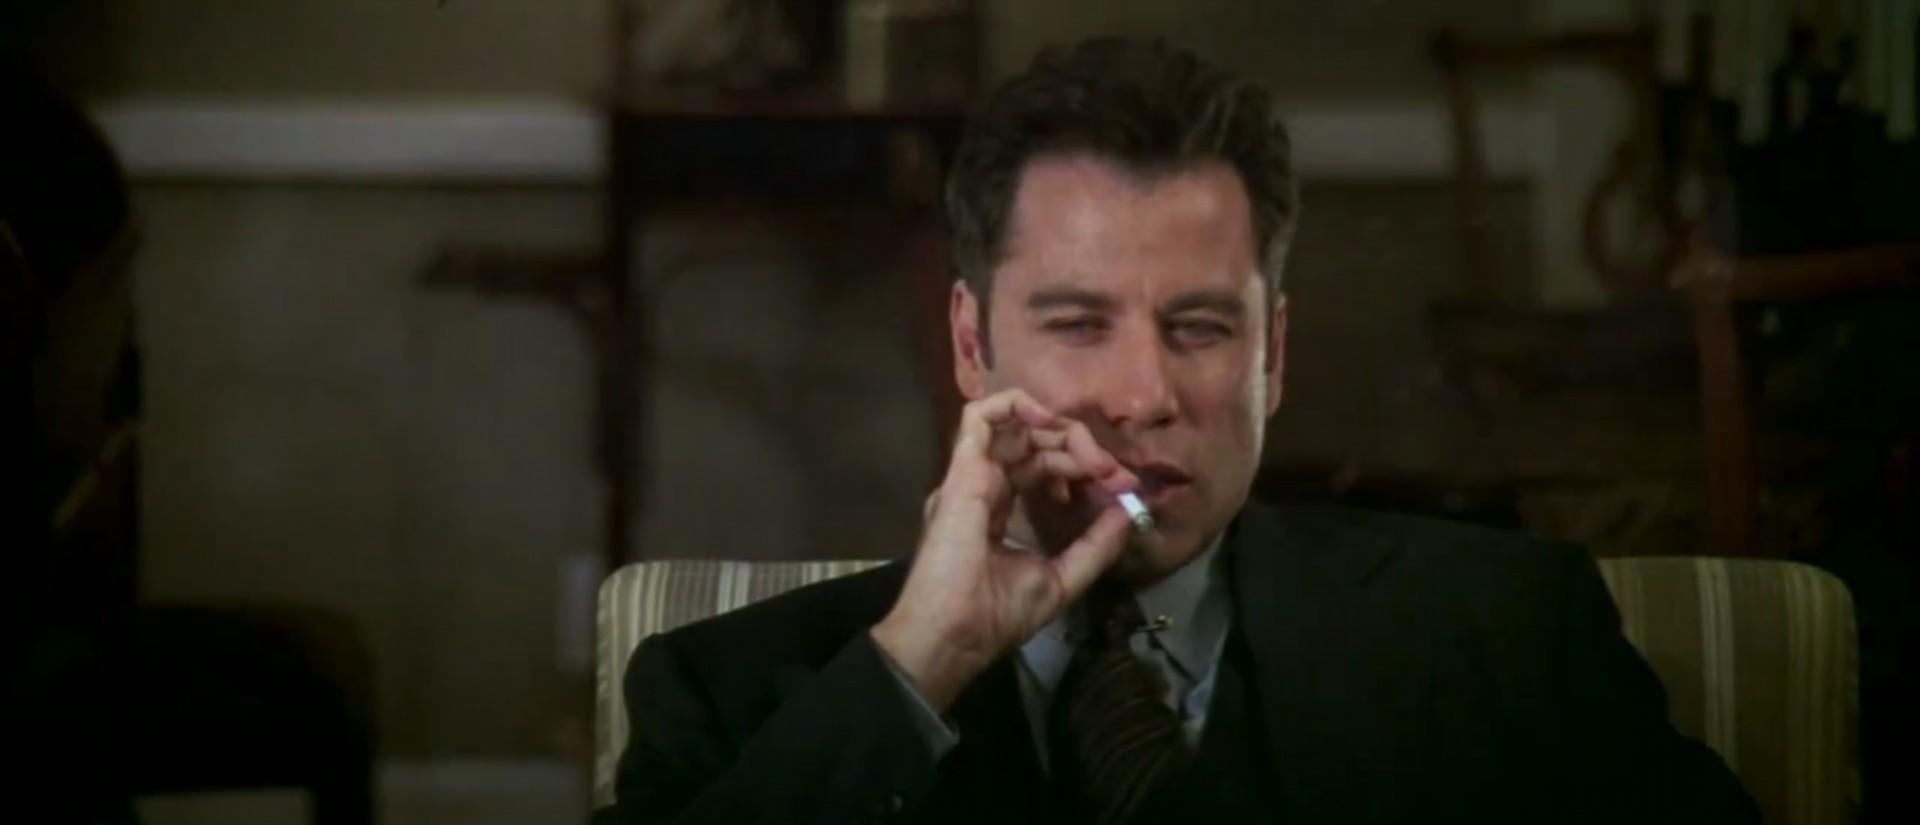 travolta smoking movies films amp flix